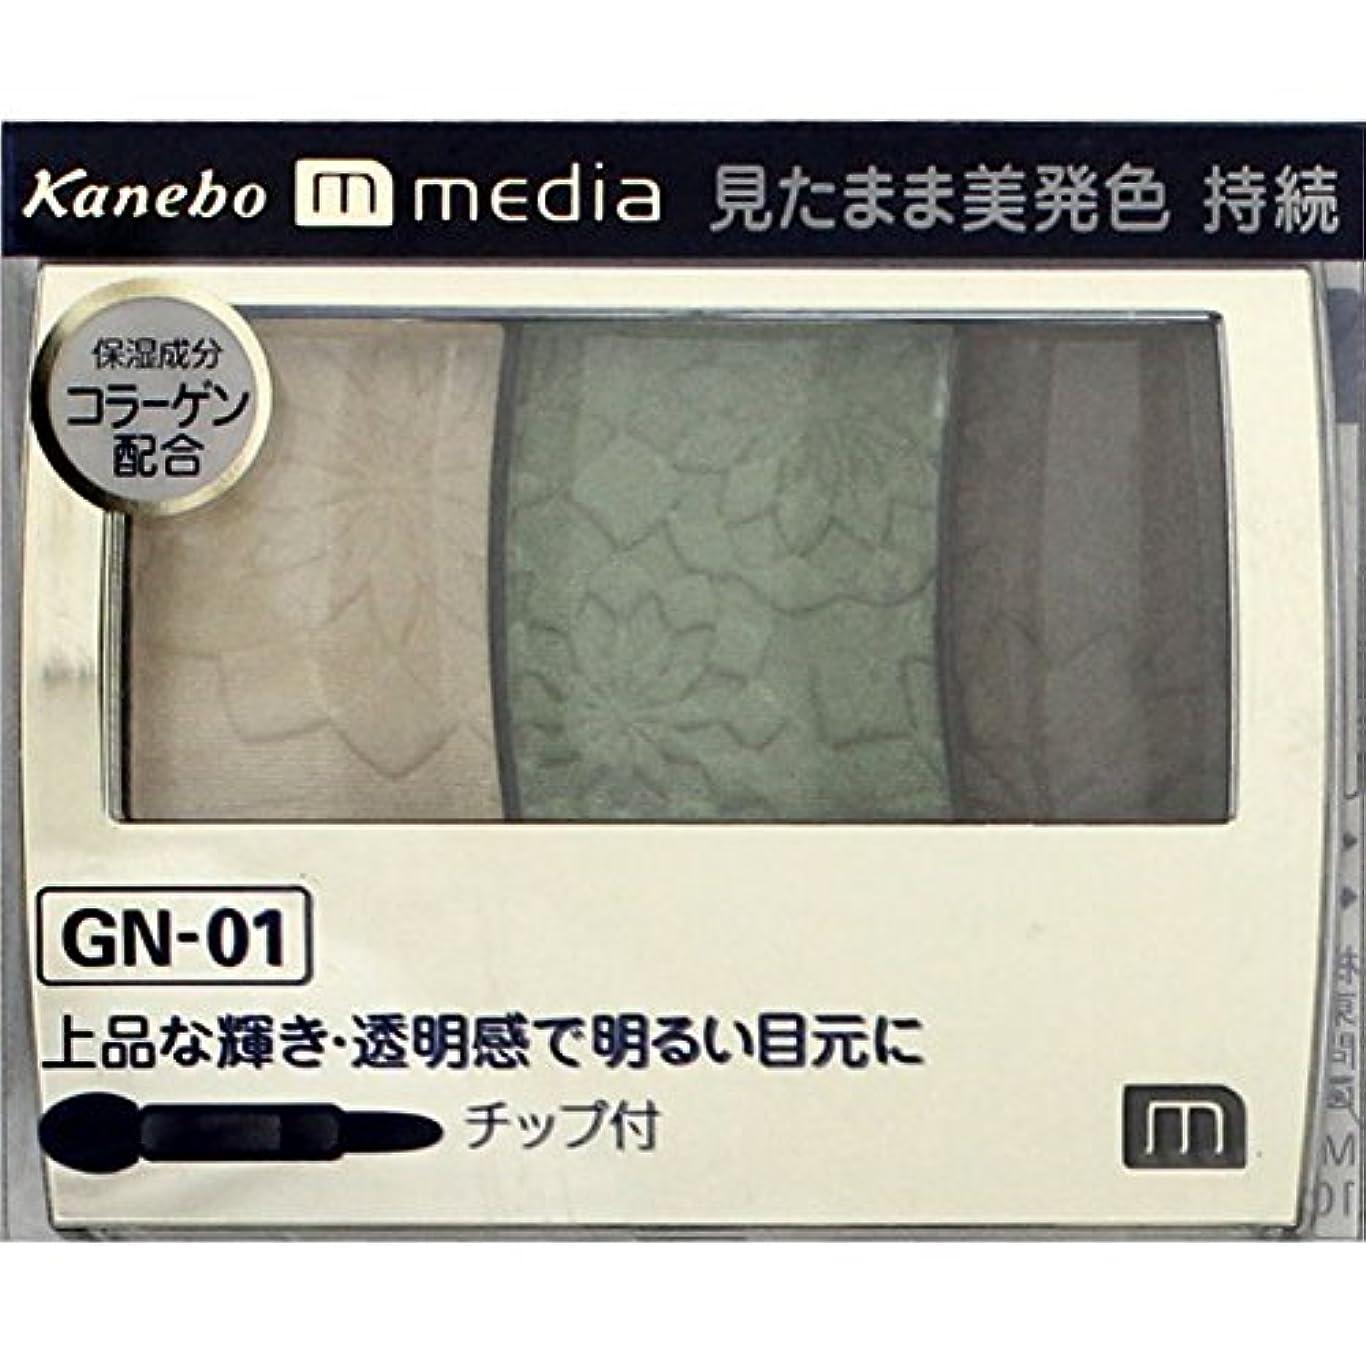 ビルマ彫刻ランク【カネボウ】 メディア グラデカラーアイシャドウ GN-01